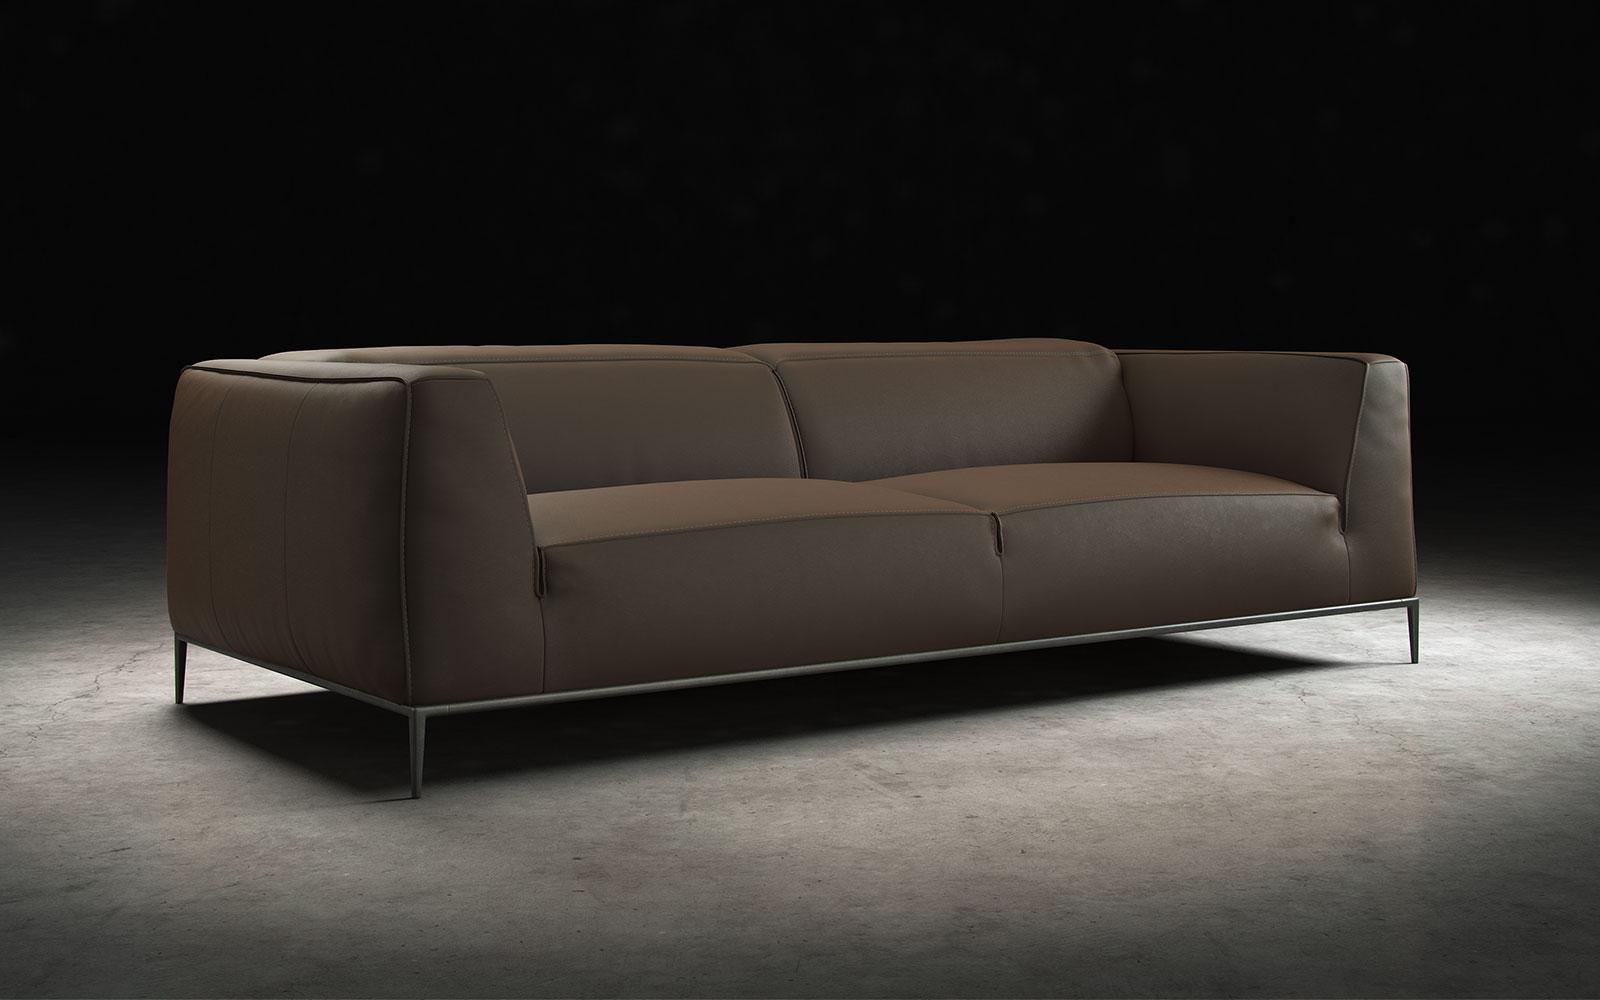 Bon Fletcher Sofa Fendi By Modloft (Modloft)